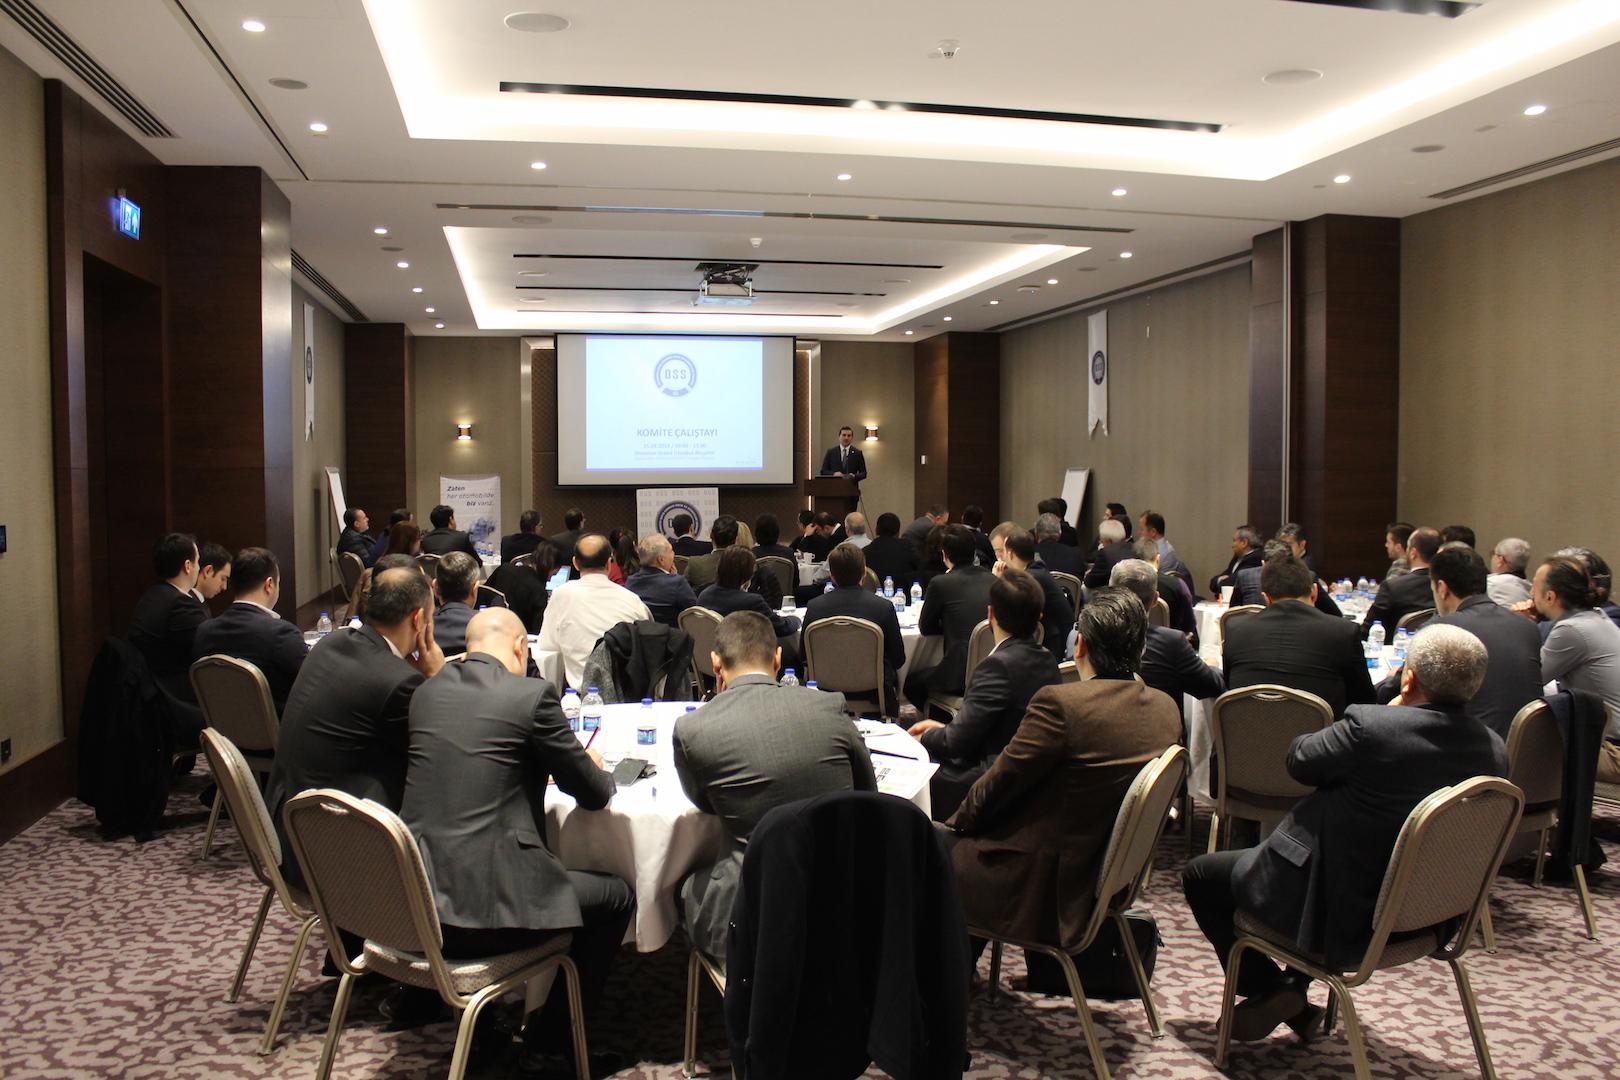 Komite Çalıştay'ı Üyelerden Büyük İlgi Gördü